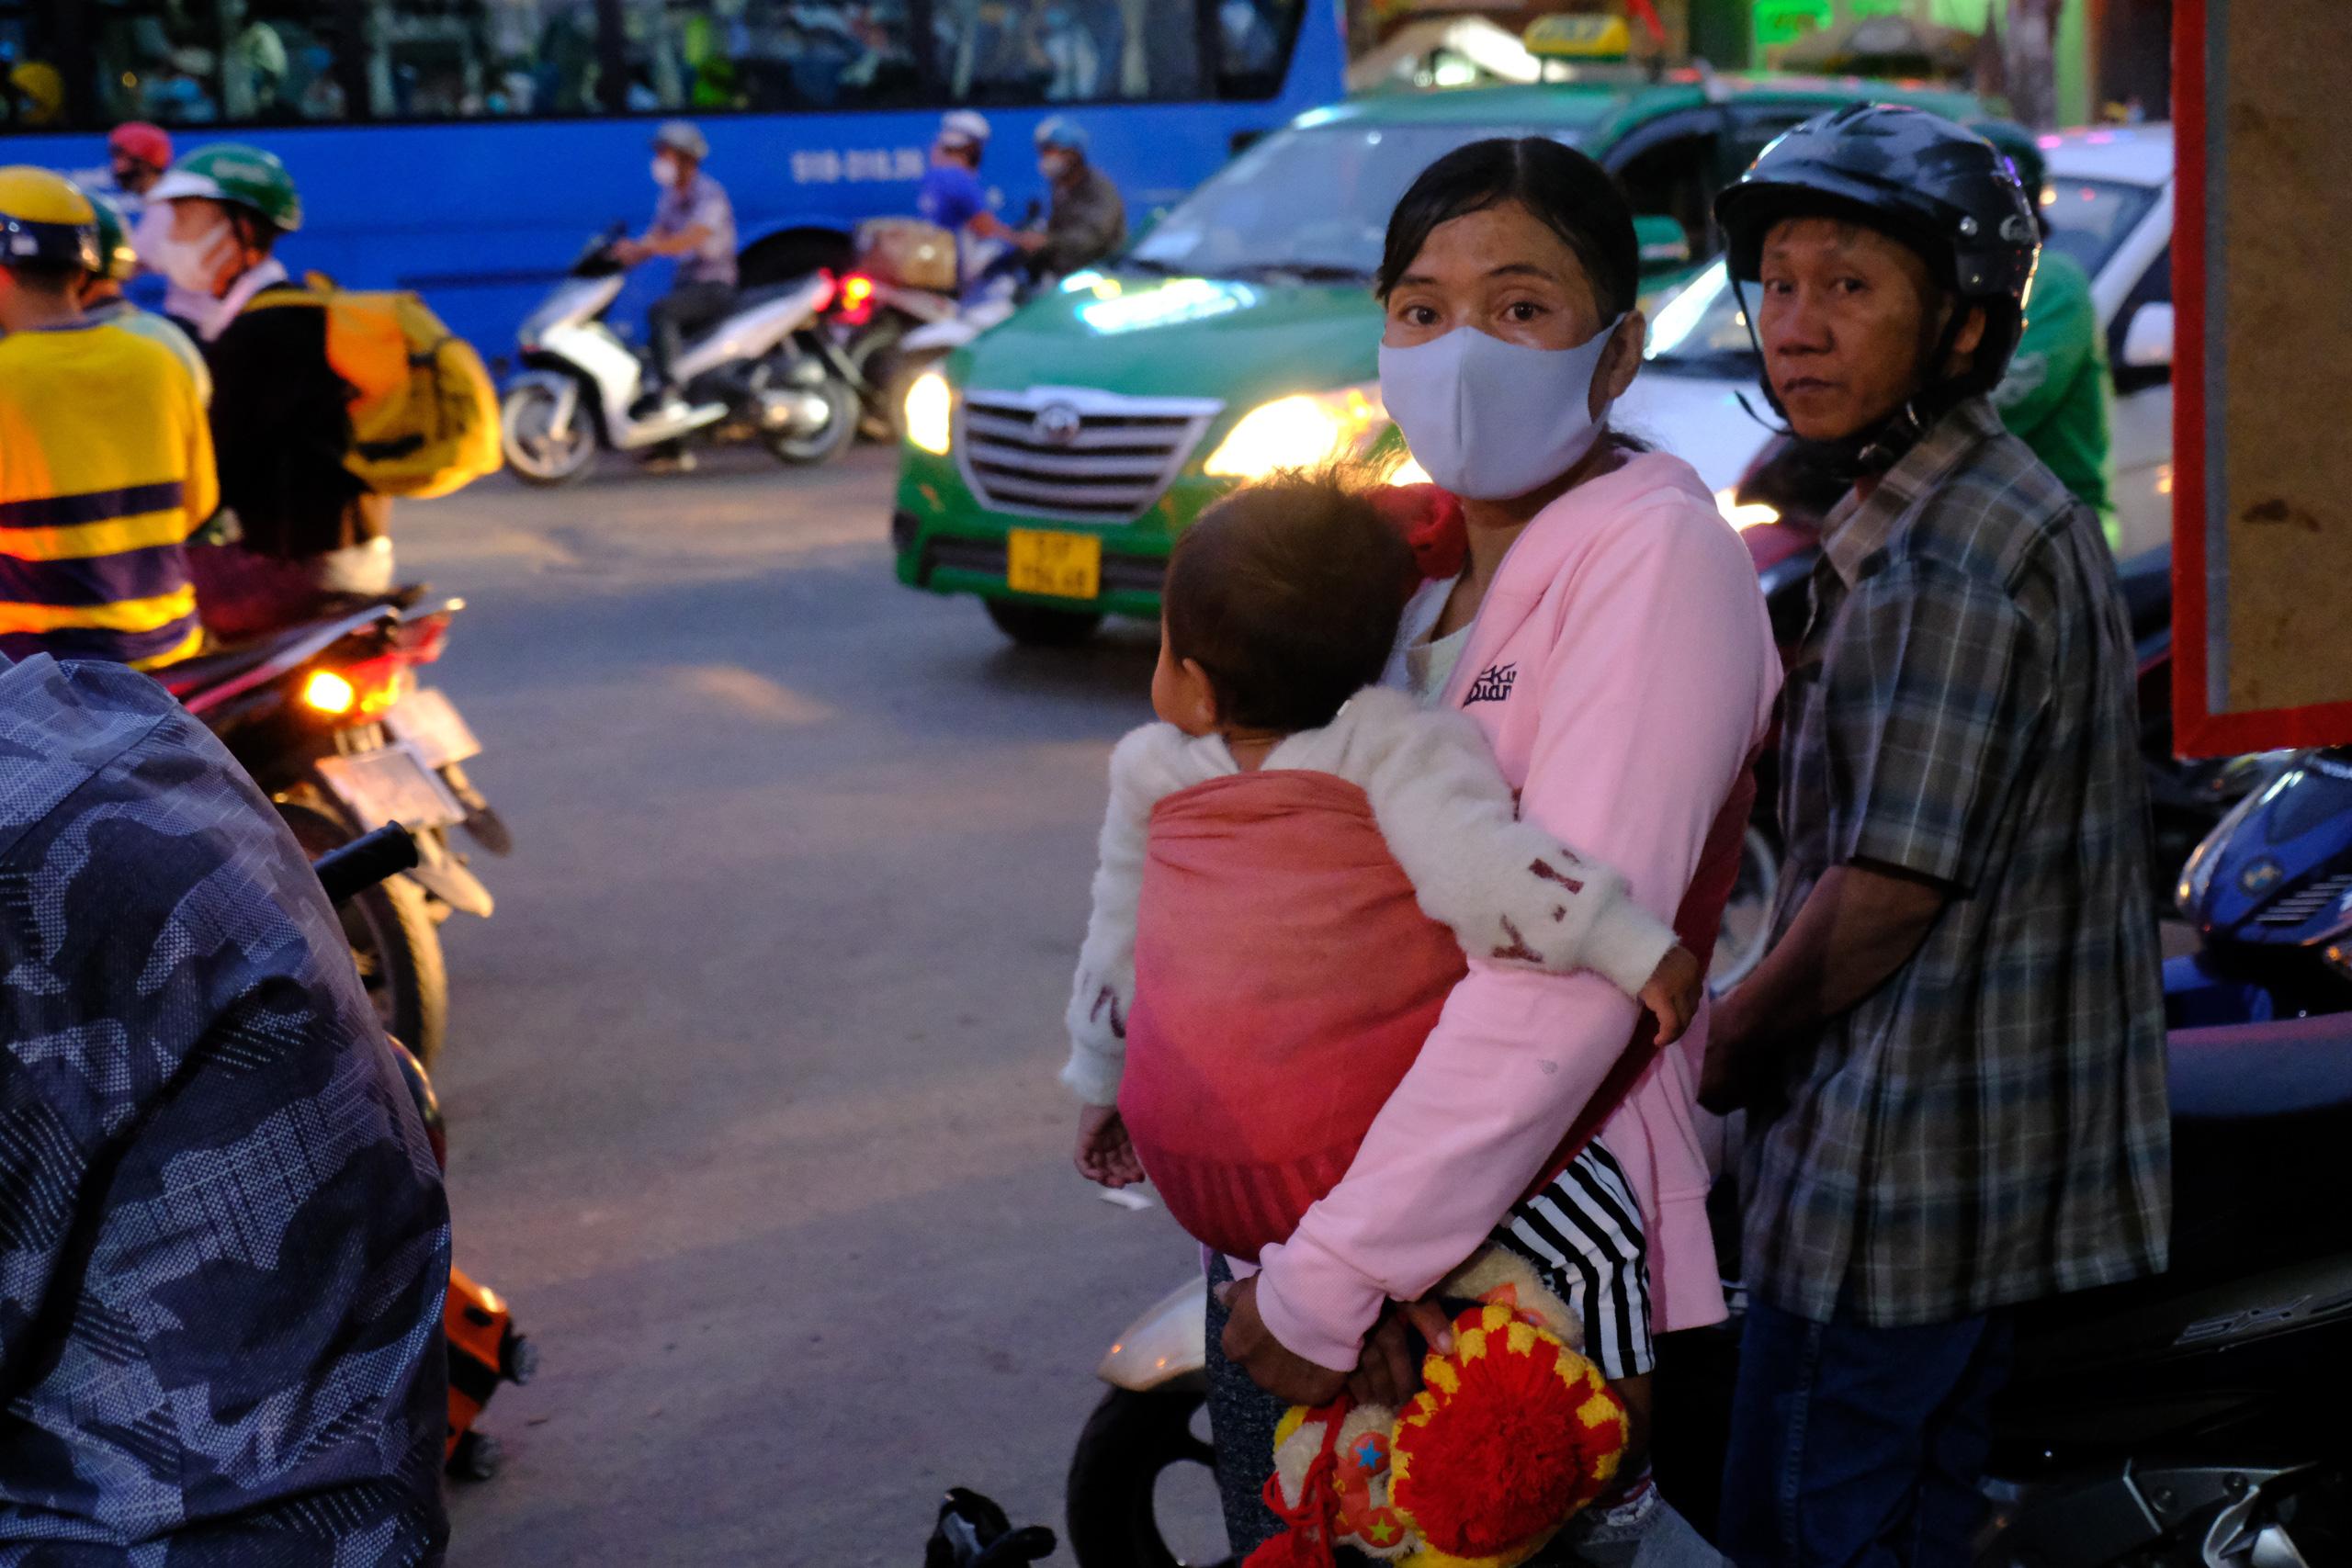 Chùm ảnh: Người dân ùn ùn kéo nhau về quê ăn Tết, Hà Nội tắc đường kinh hoàng chiều cuối năm - Ảnh 25.